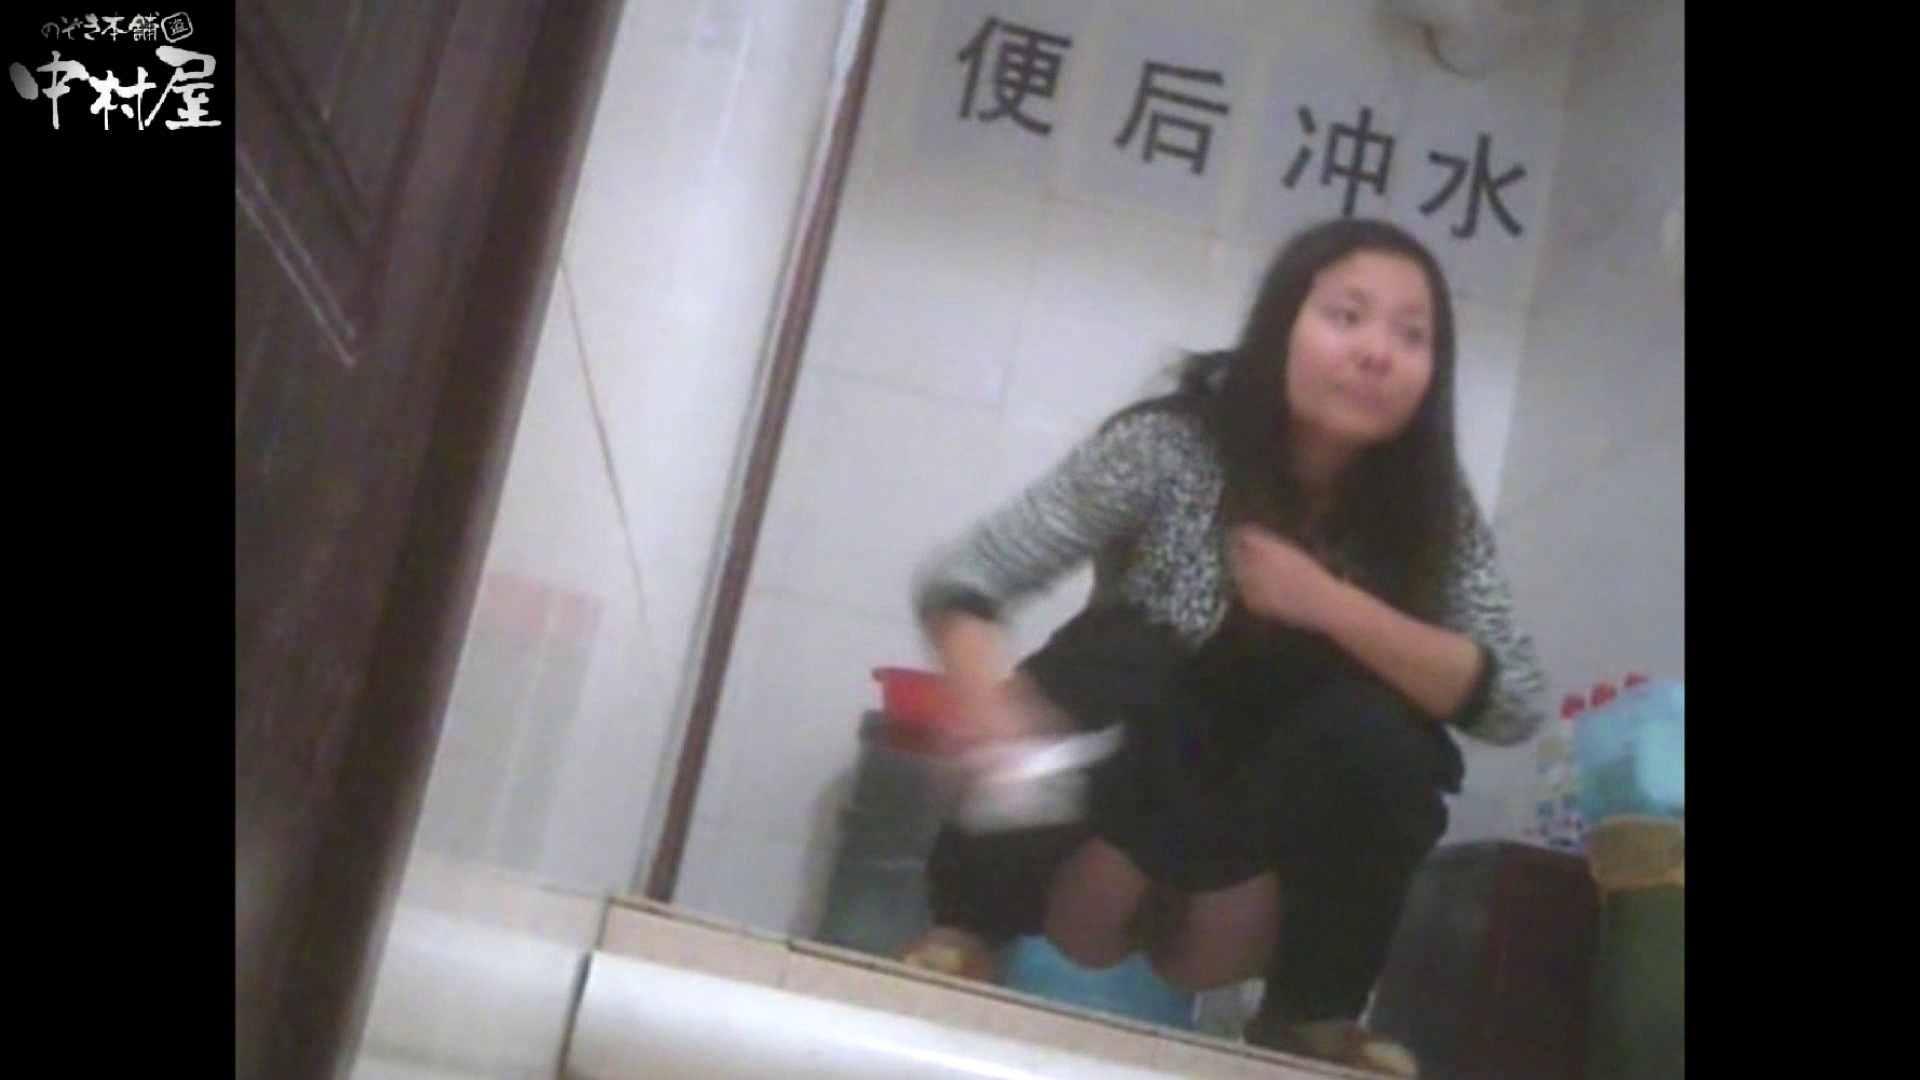 李さんの盗撮日記 Vol.13 ギャルヌード アダルト動画キャプチャ 109画像 43